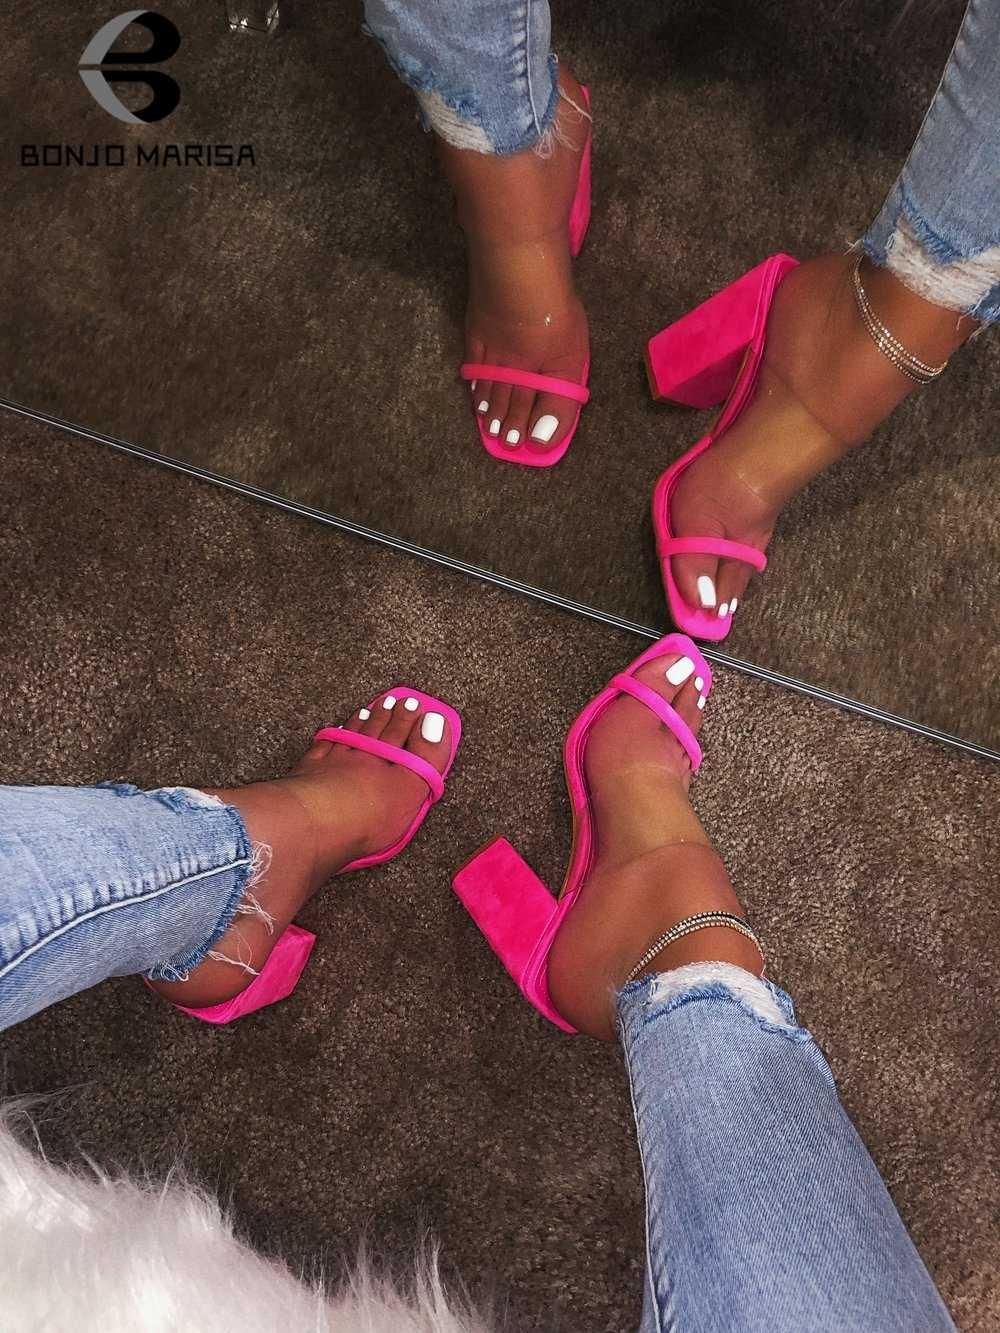 BONJOMARISA Yeni INS Sıcak Renkli Oyma Katır Kadın 2019 Şeffaf Slaytlar Yüksek Topuklu Terlik Kadın parti ayakkabıları Kadın 37-42